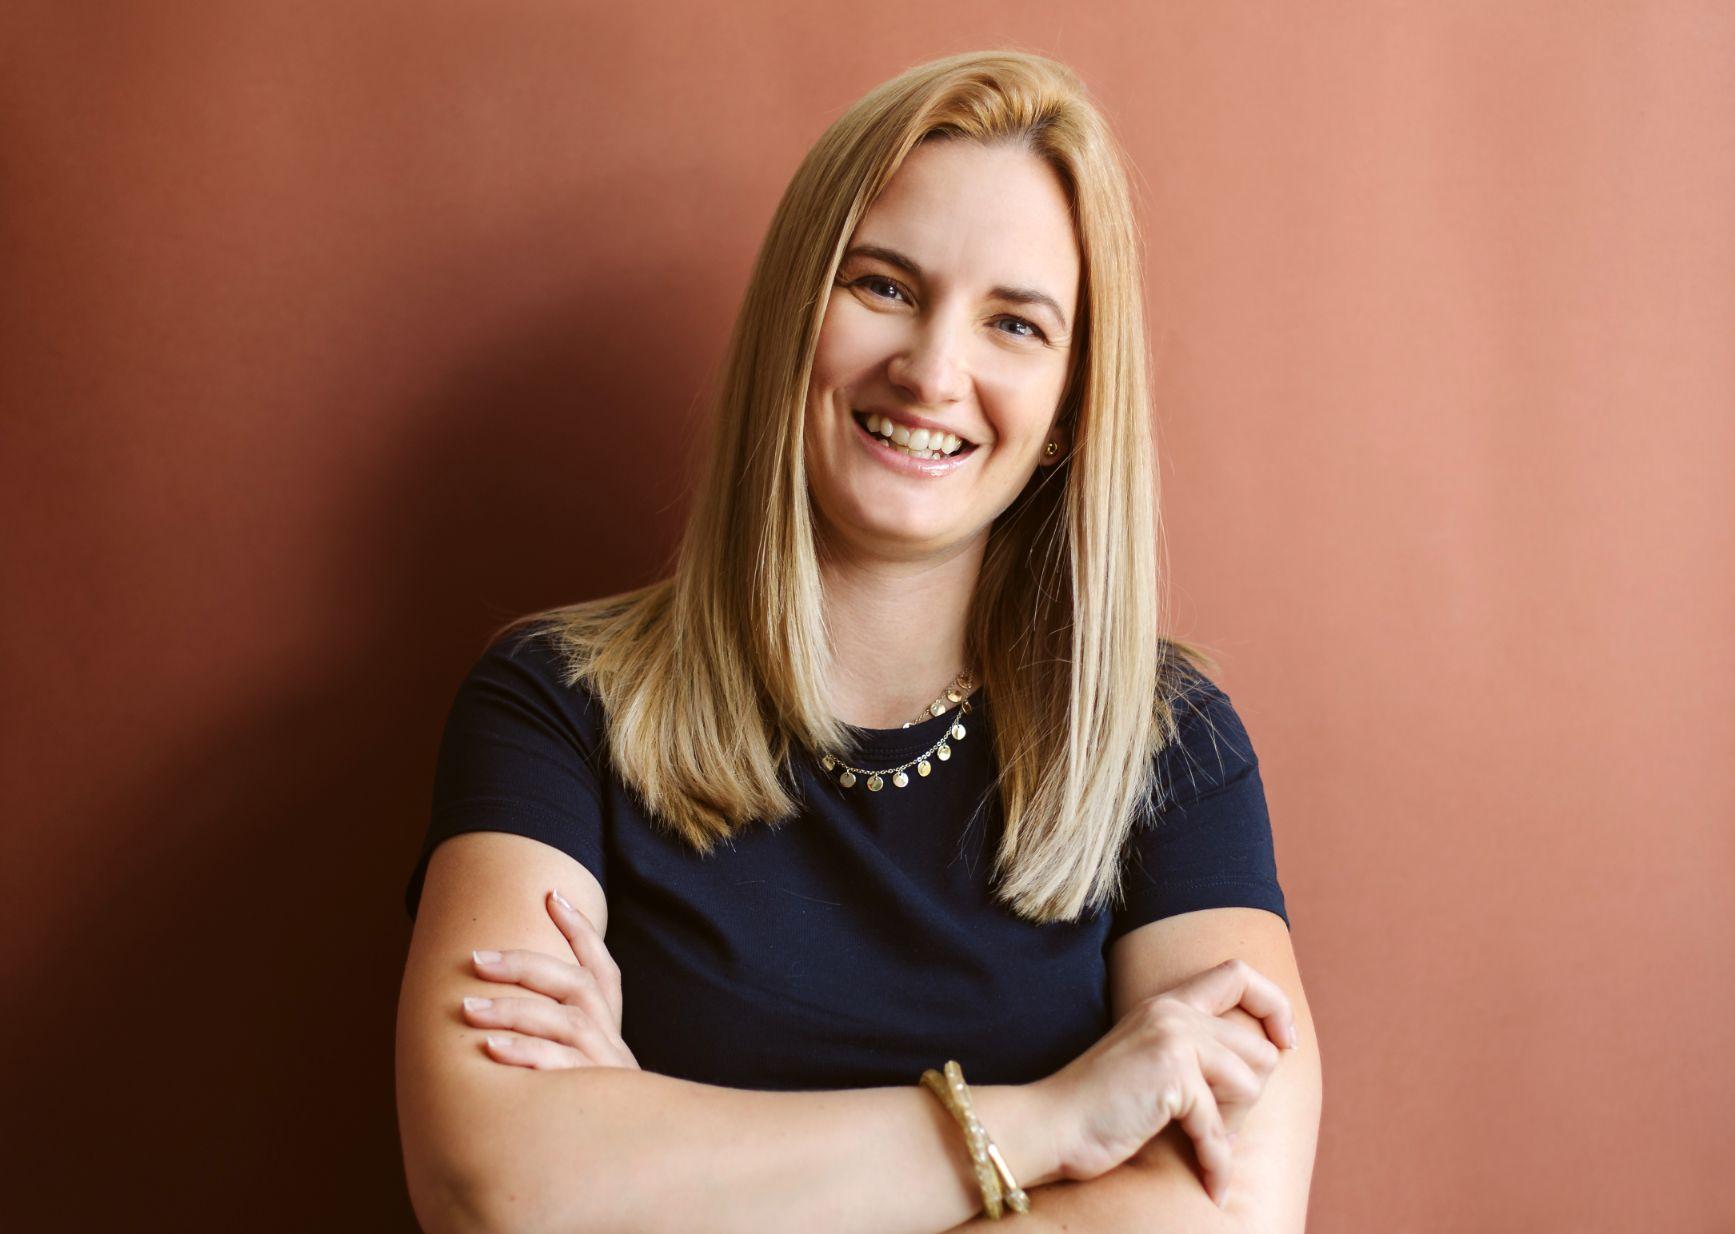 """#DoamneDeNota10 Ruxandra Mercea, o """"teacher"""" de Business care lasă aripile copiilor să crească"""